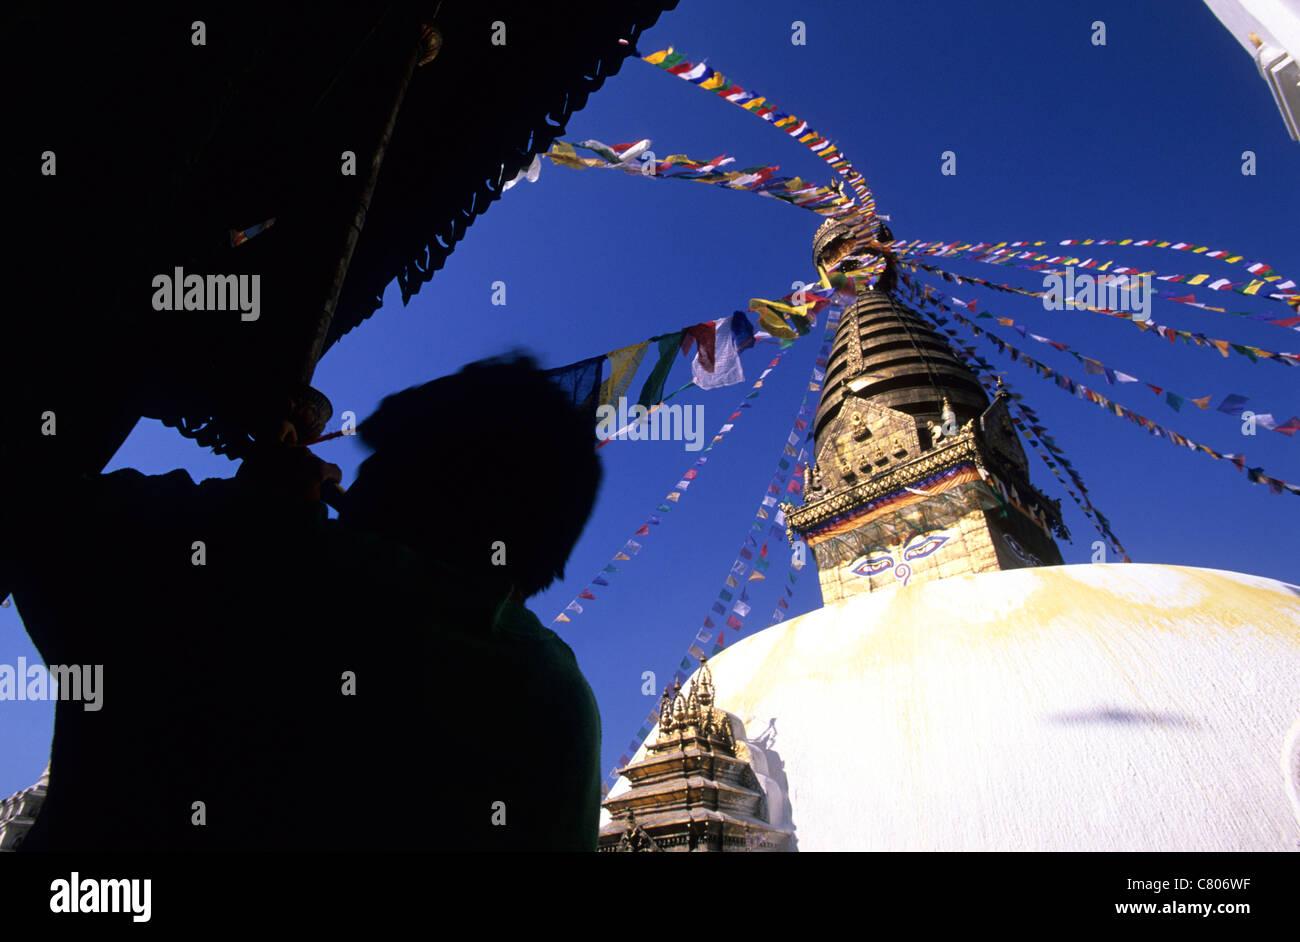 Nepal, Katmandu, Swayambhunath Stupa - Stock Image